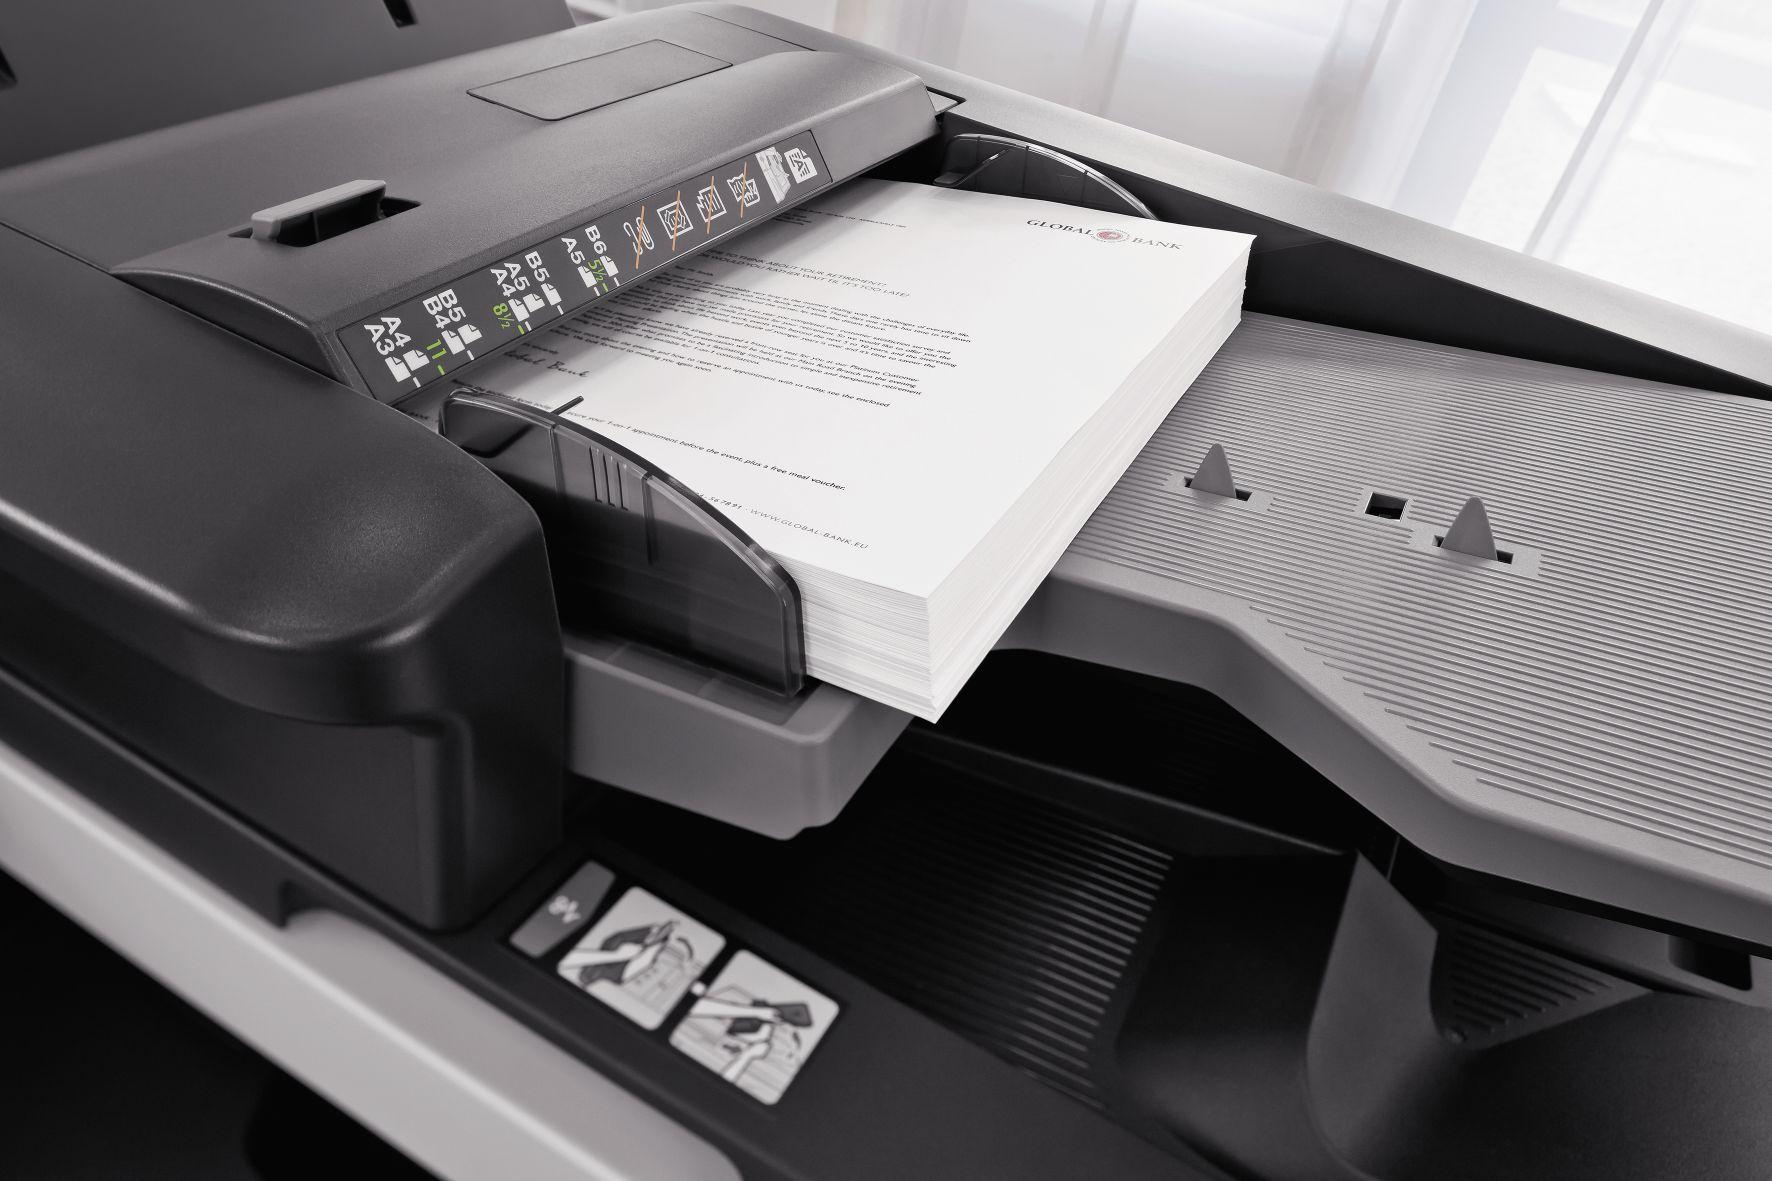 Fotografia Documentos impresos en la bandeja de una impresora